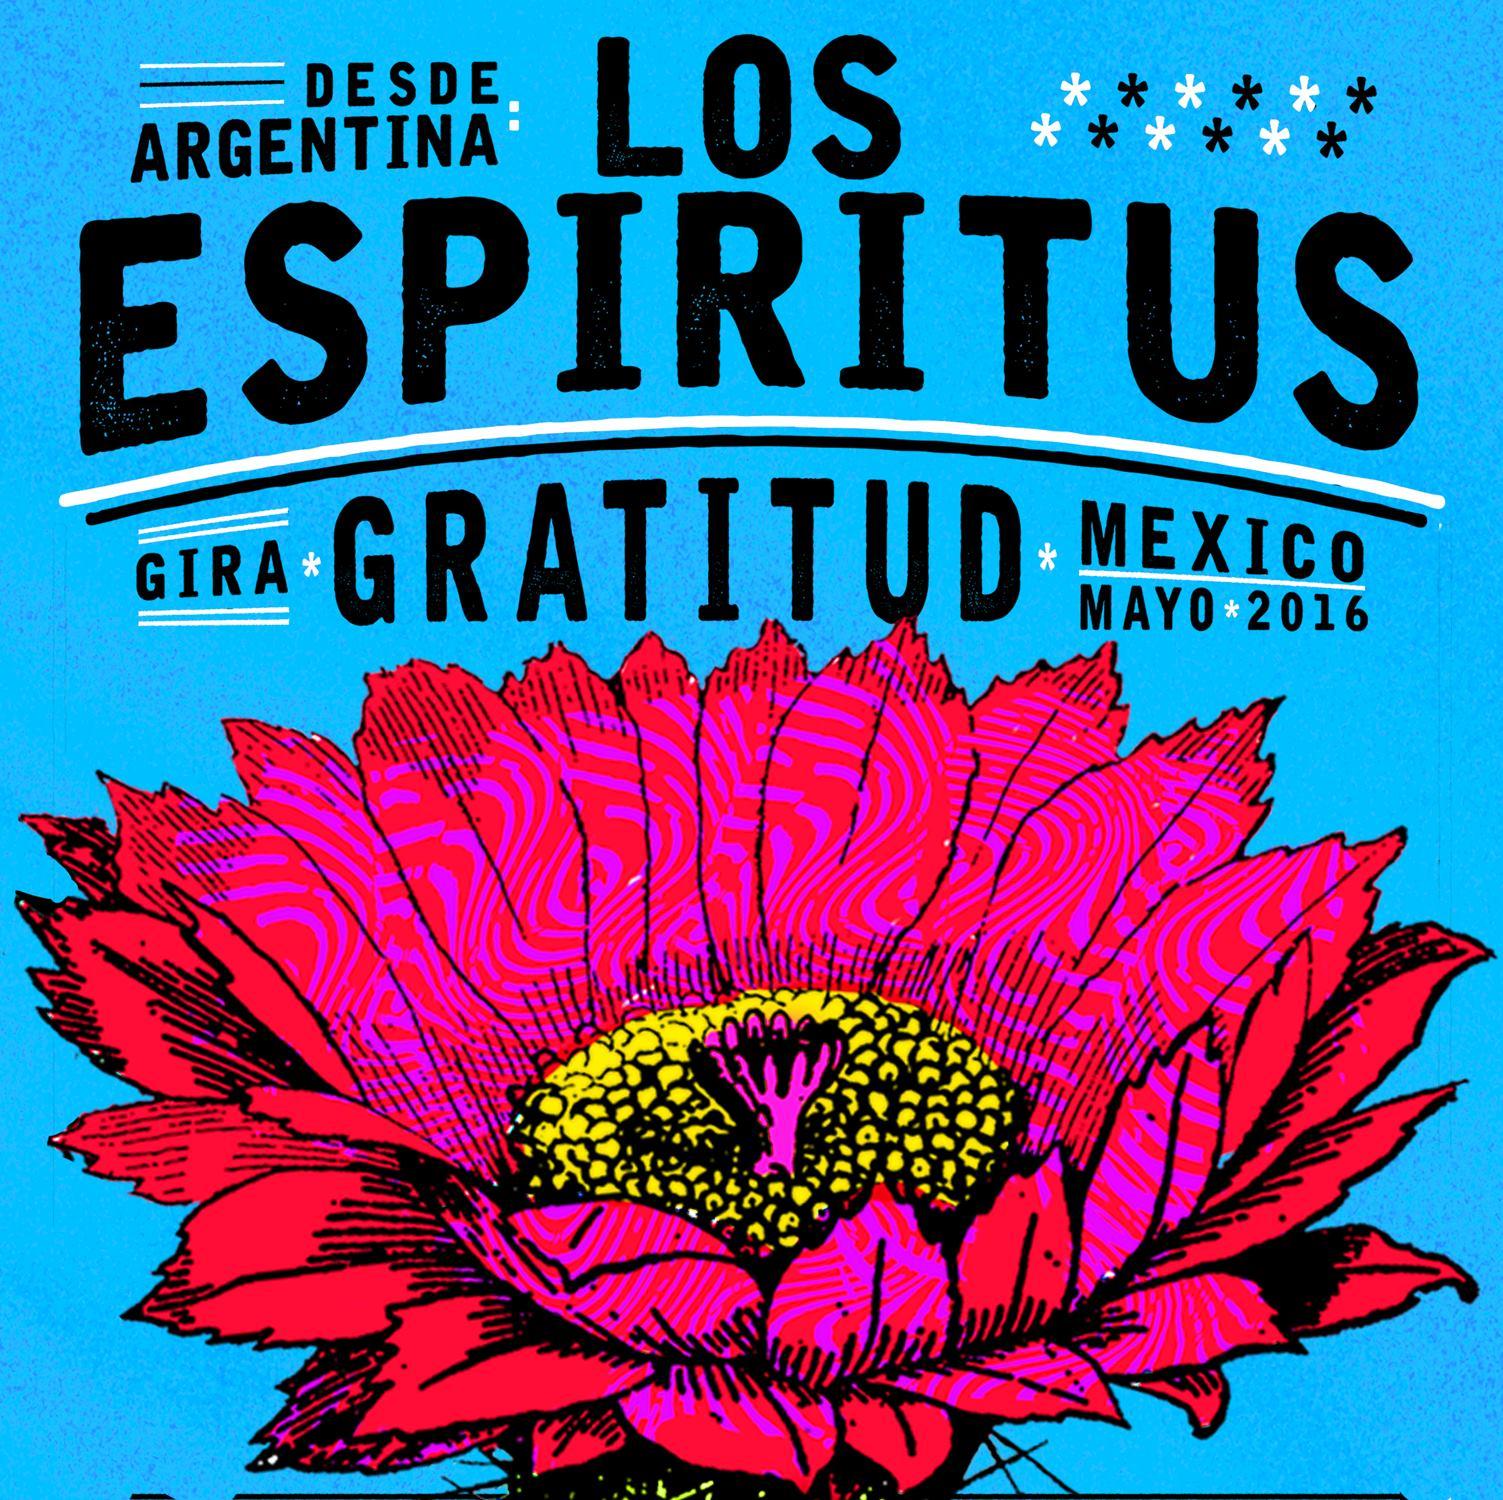 Cartel de la gira de Los Espíritus en México realizado por DG Tu Vieja.